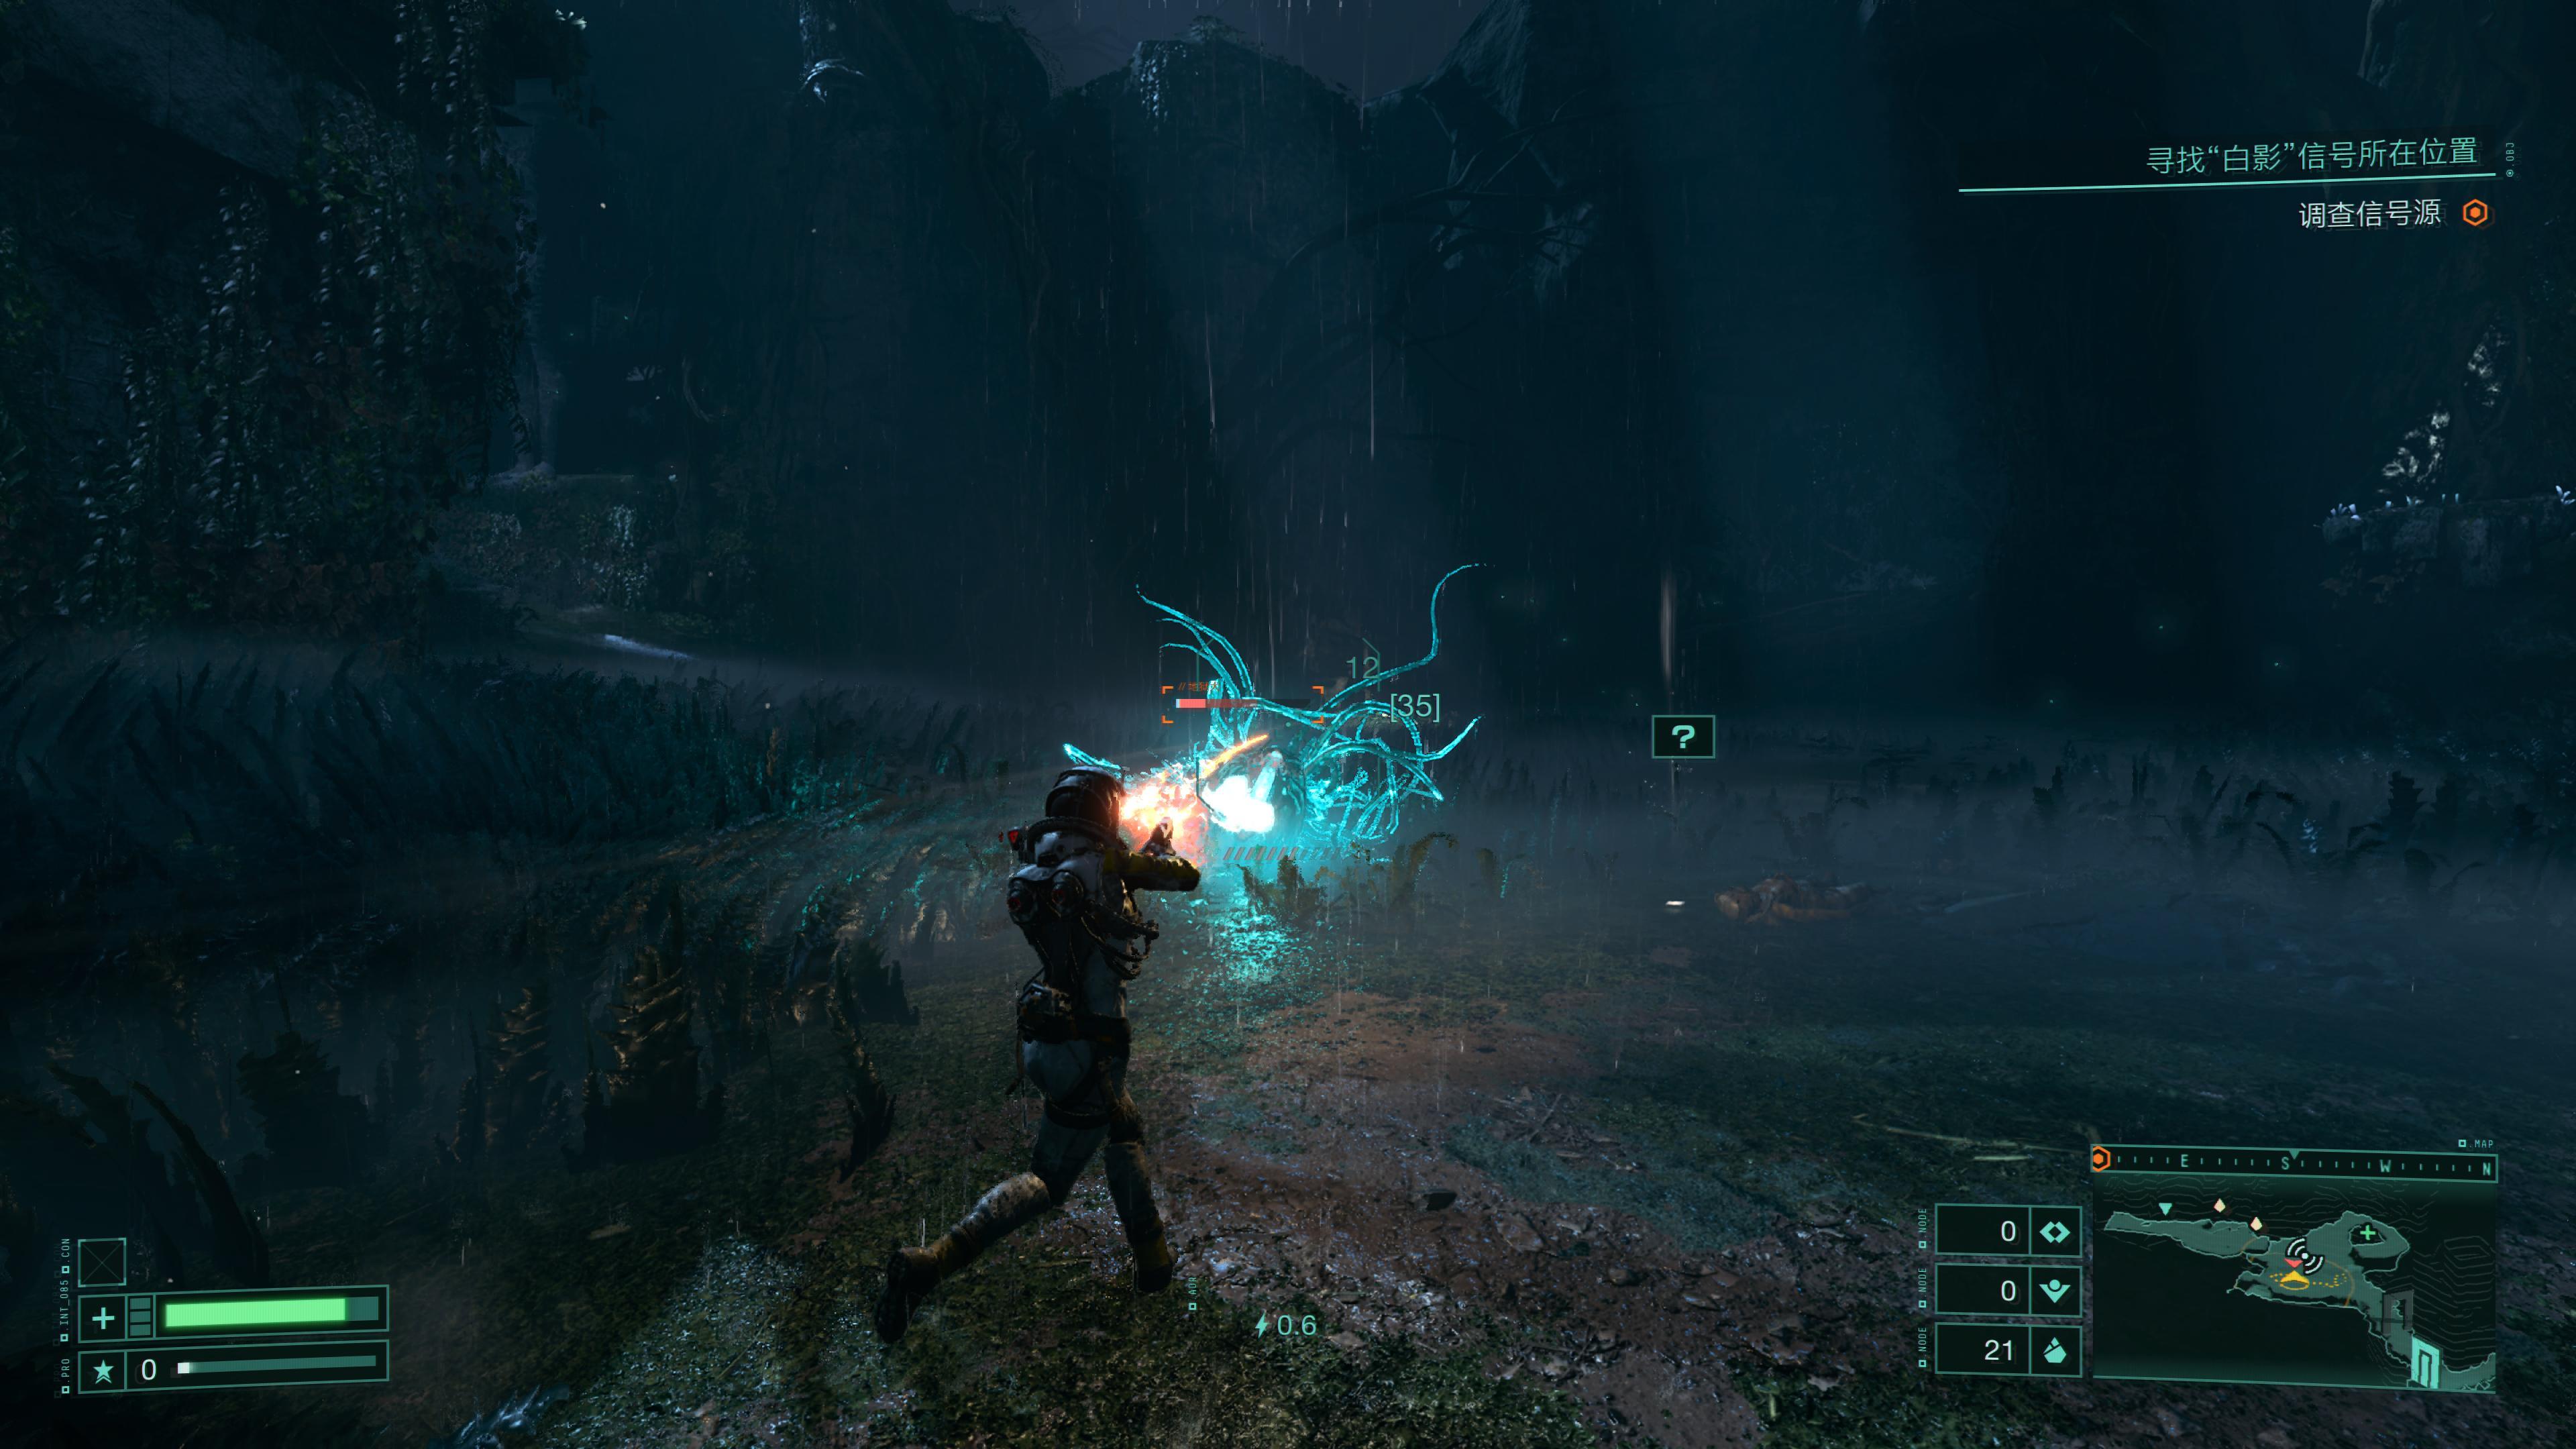 在TPS中,射击的手感将直接影响到游戏质量的表现